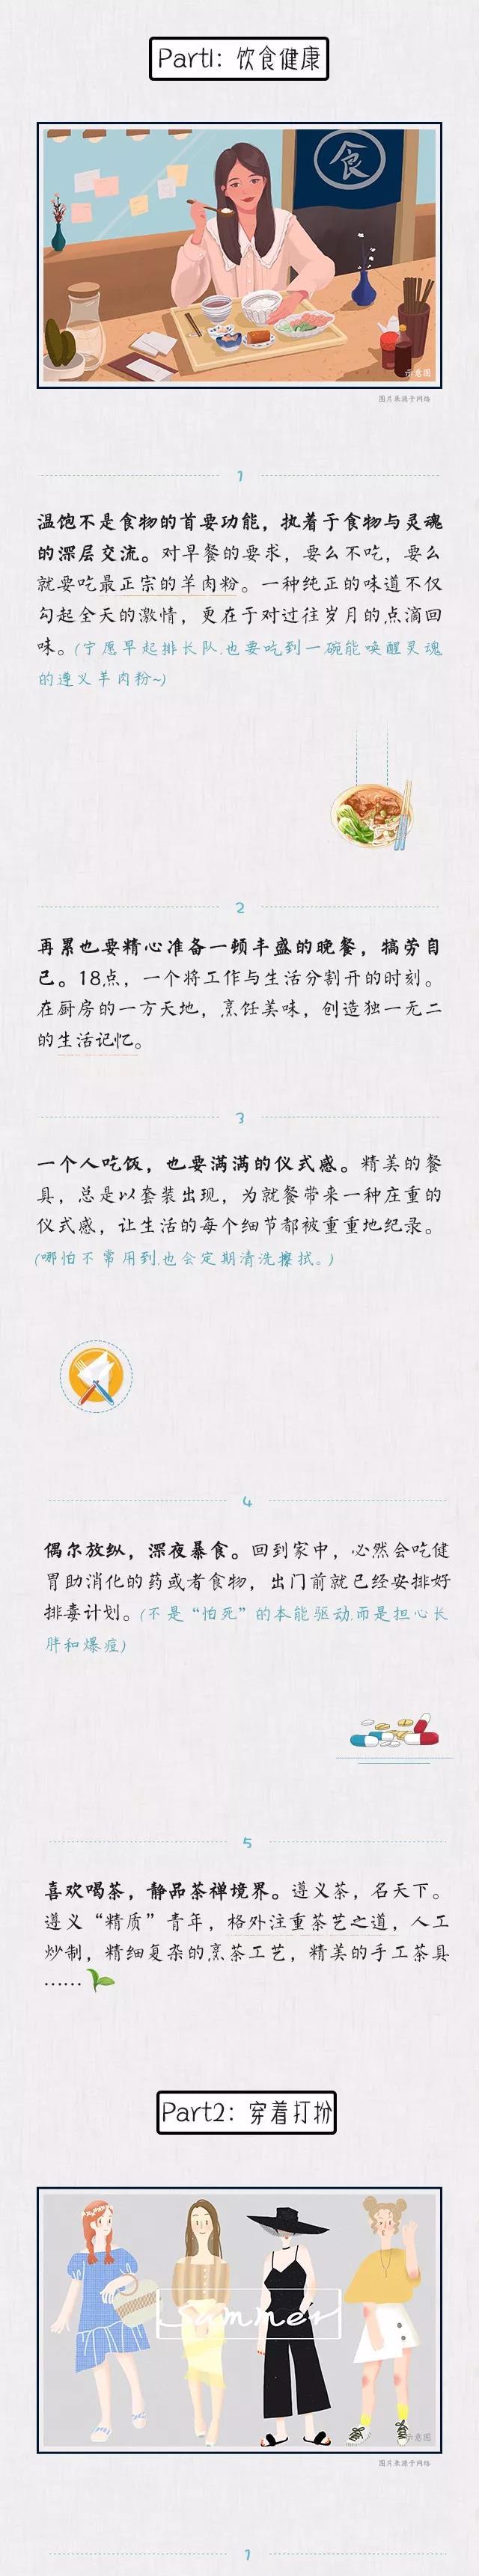 """融创·九棠府:遵义的""""精质""""青年 都有点高级的执念-中国网地产"""